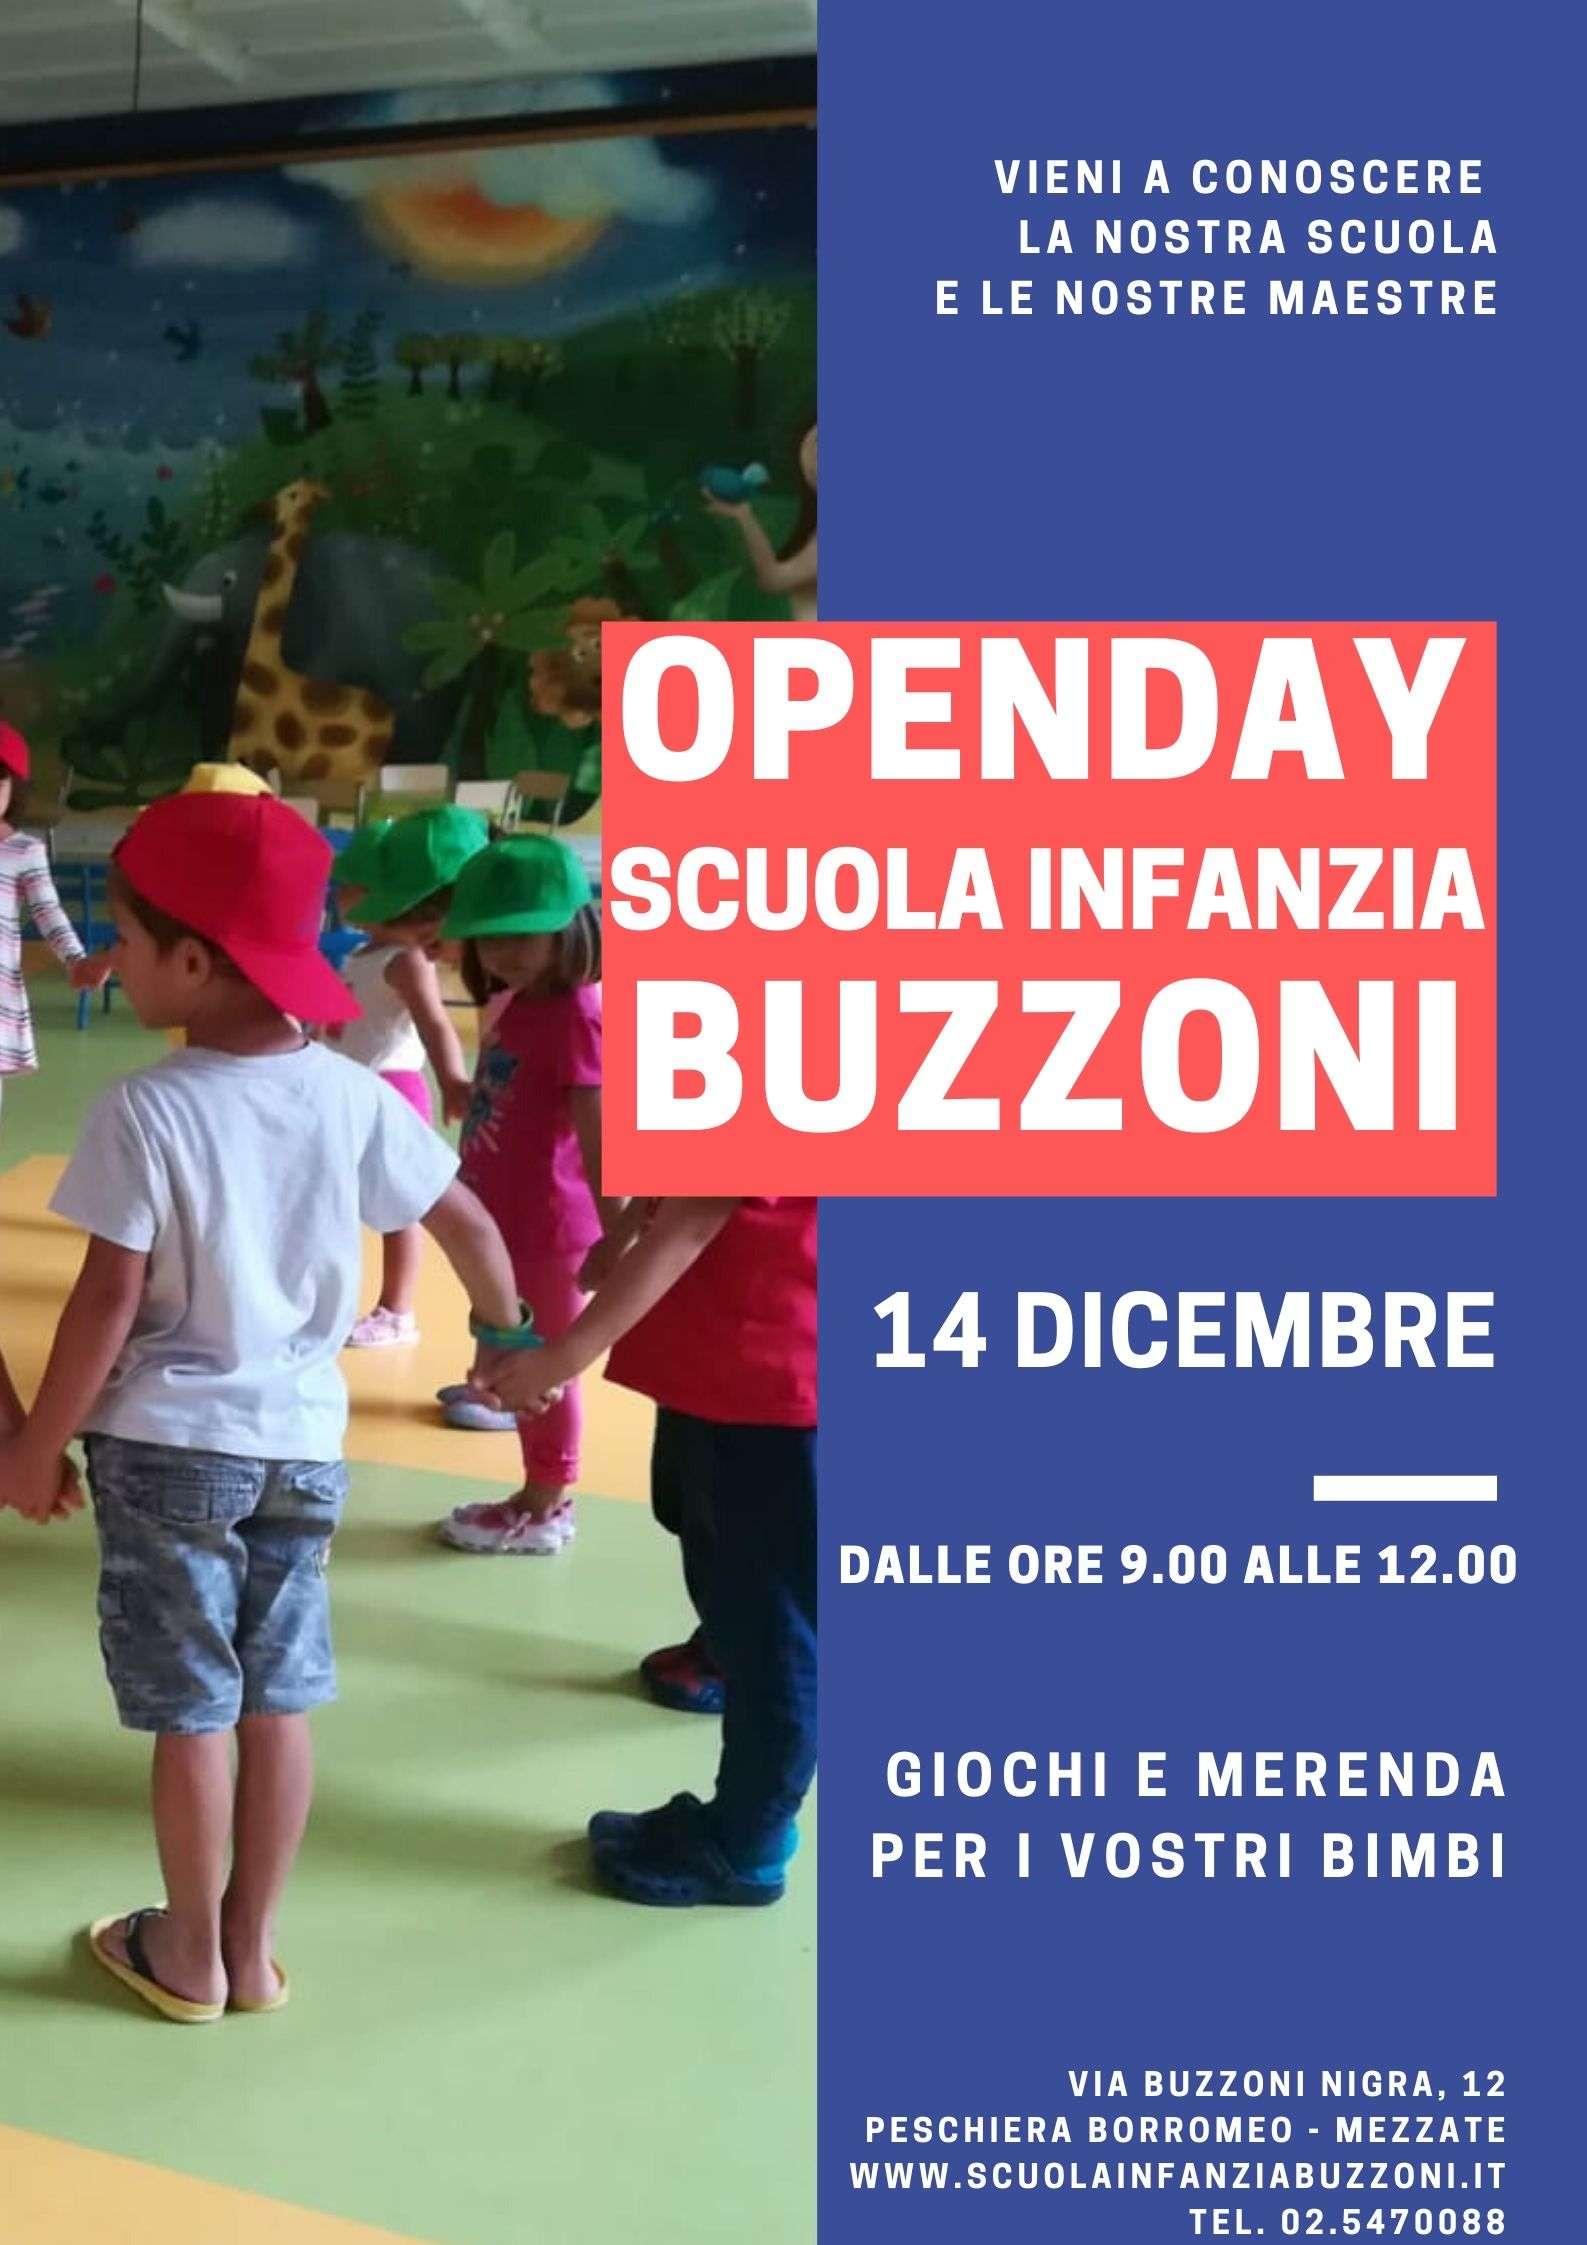 14 Dicembre Open Day Scuola Infanzia Buzzoni - Scuola Materna Peschiera Borromeo